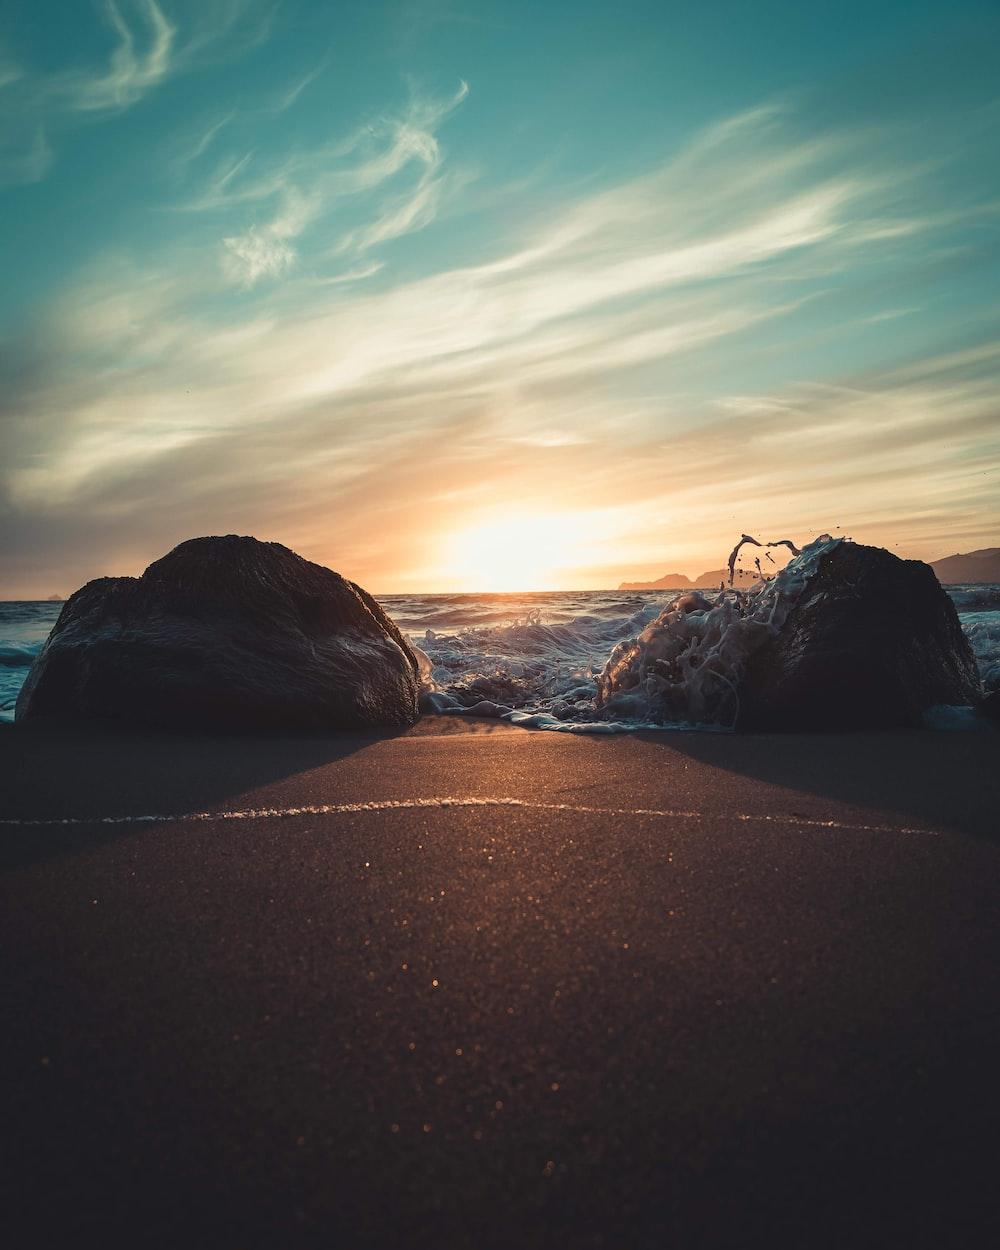 two rocks in seashore